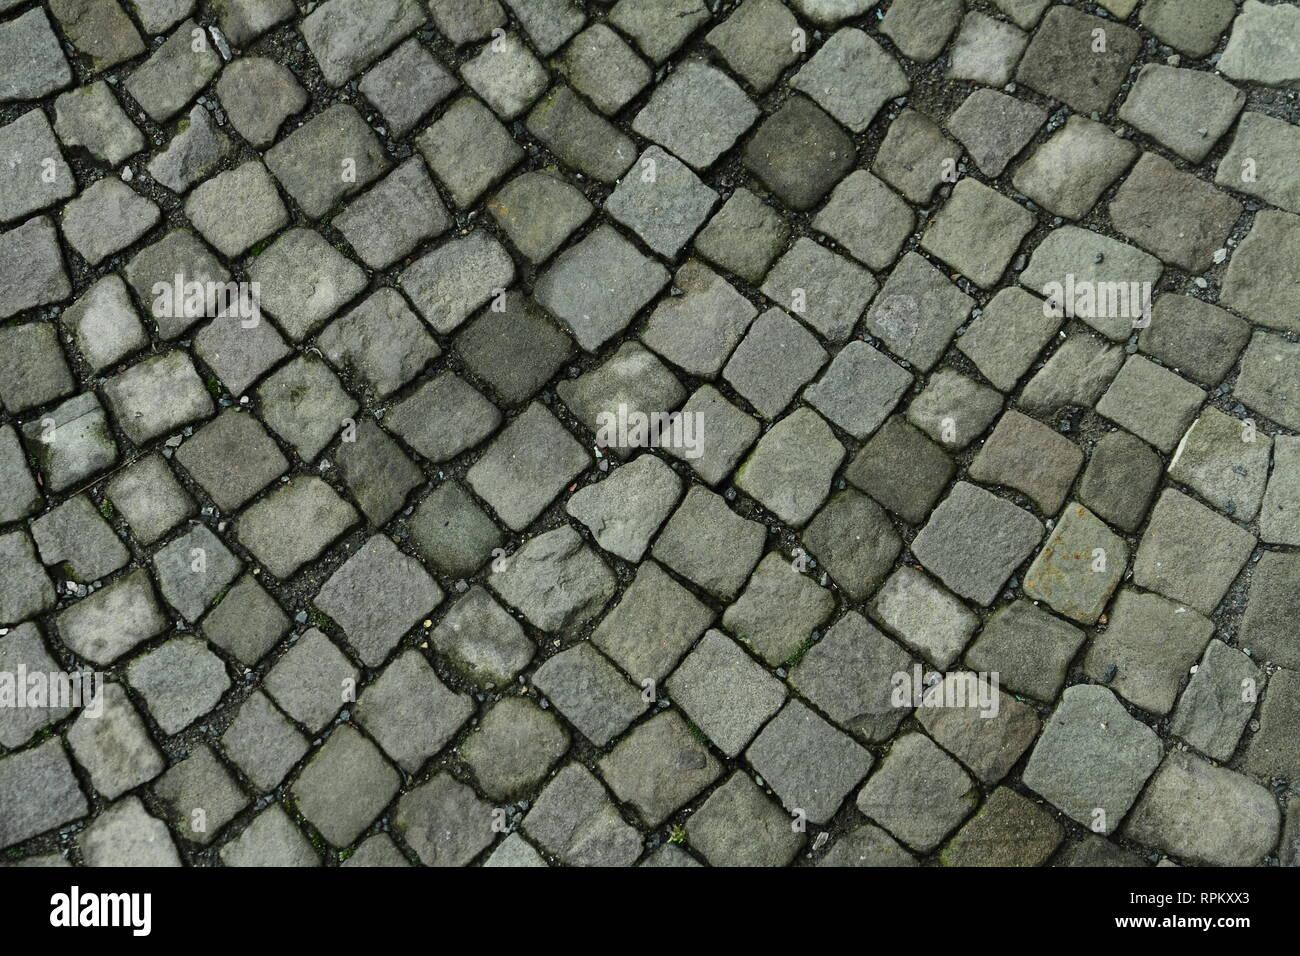 Stone Block Paving Footpath Seamless Stock Photos & Stone